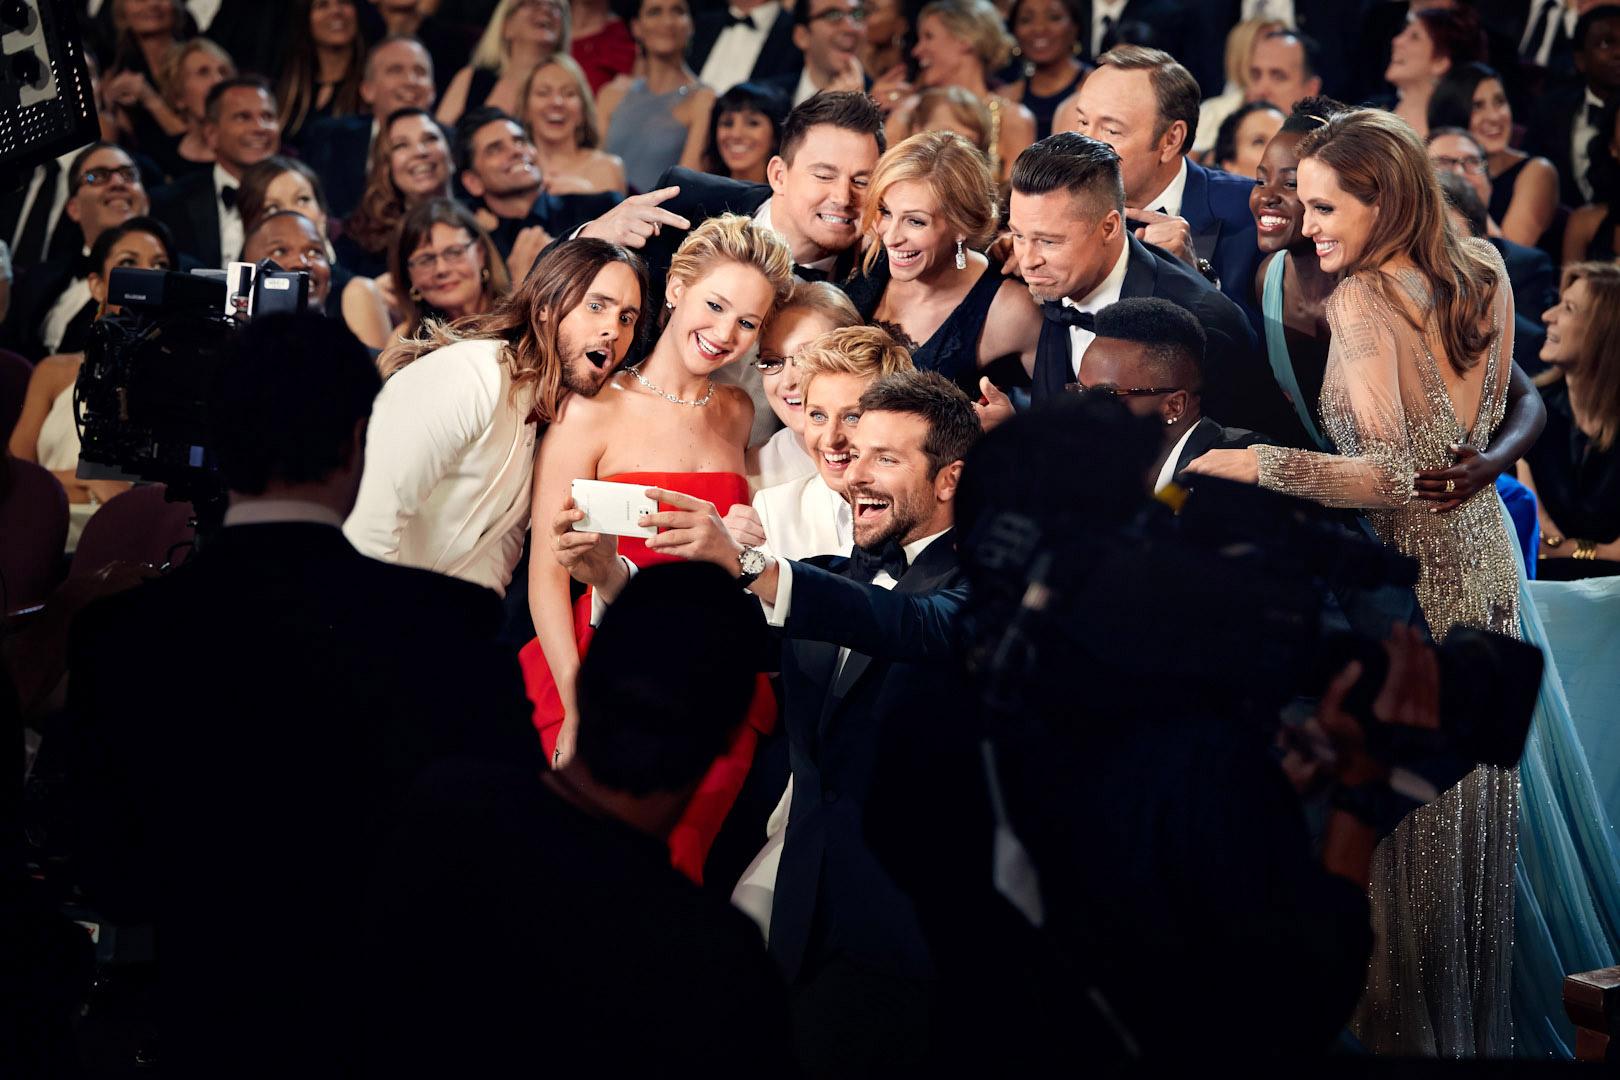 Смотреть сцены со знаменитостями